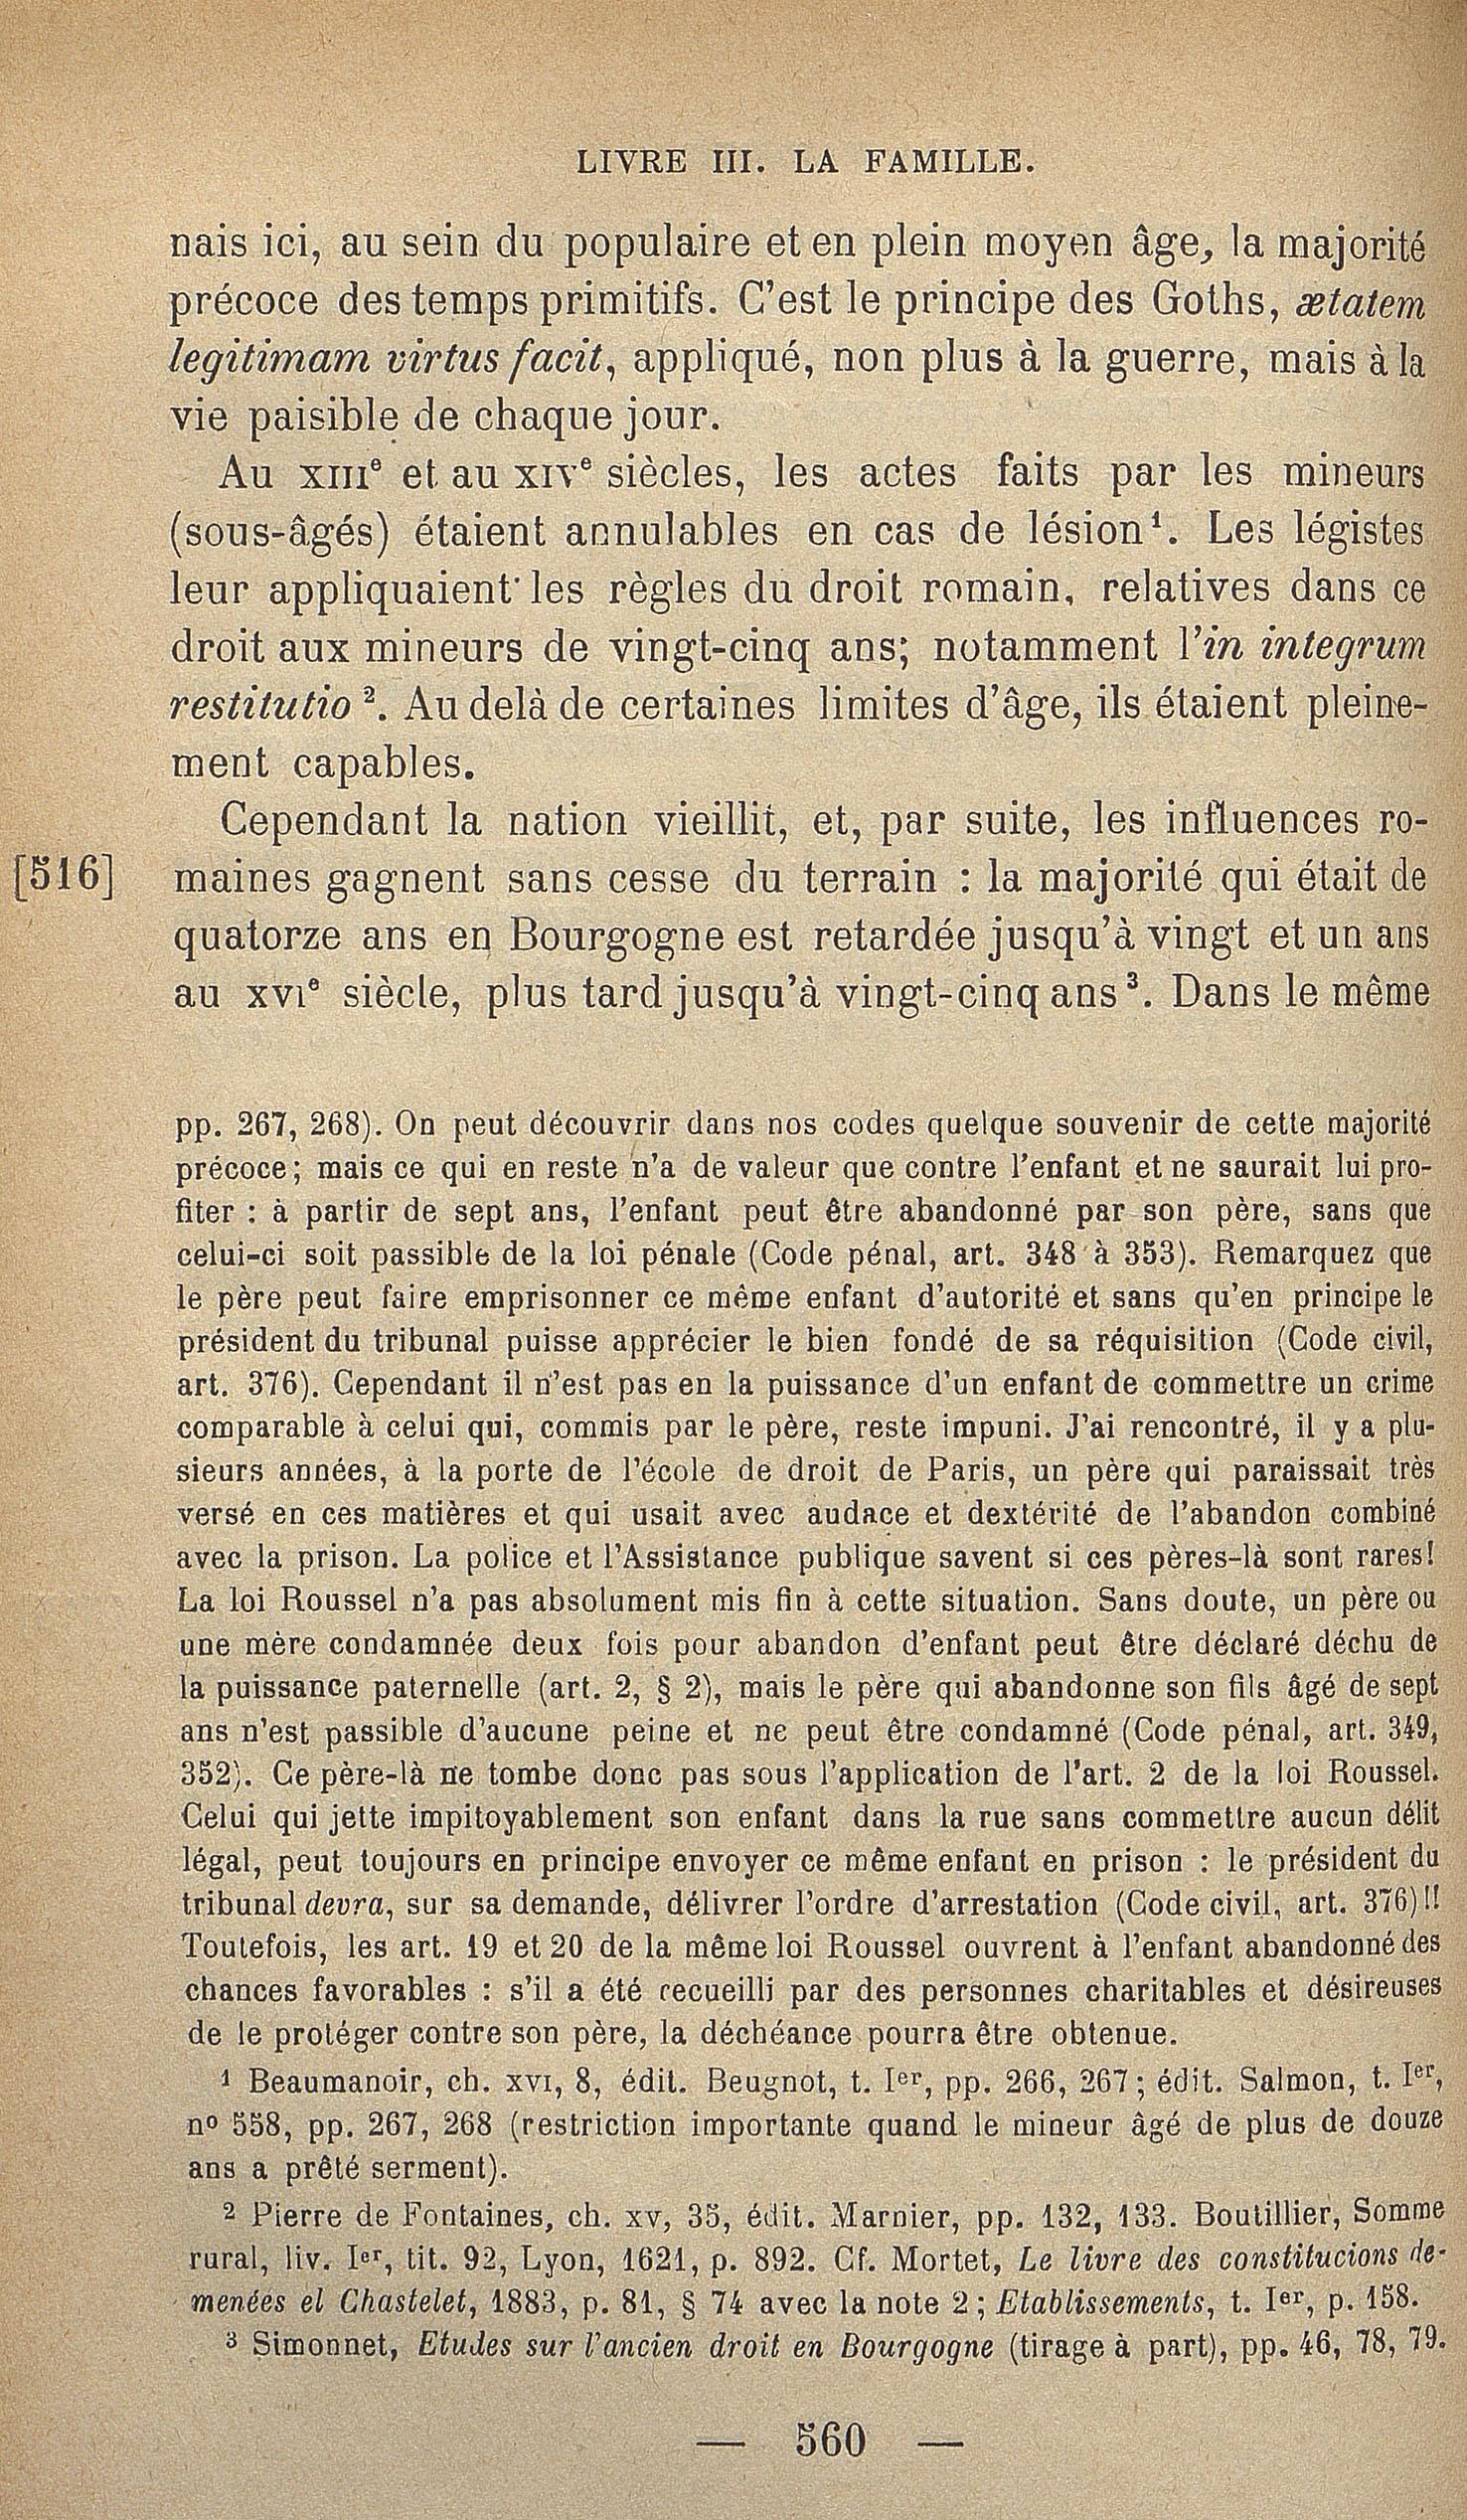 http://expo-paulviollet.univ-paris1.fr/wp-content/uploads/2016/02/0605121670_0570.jpg